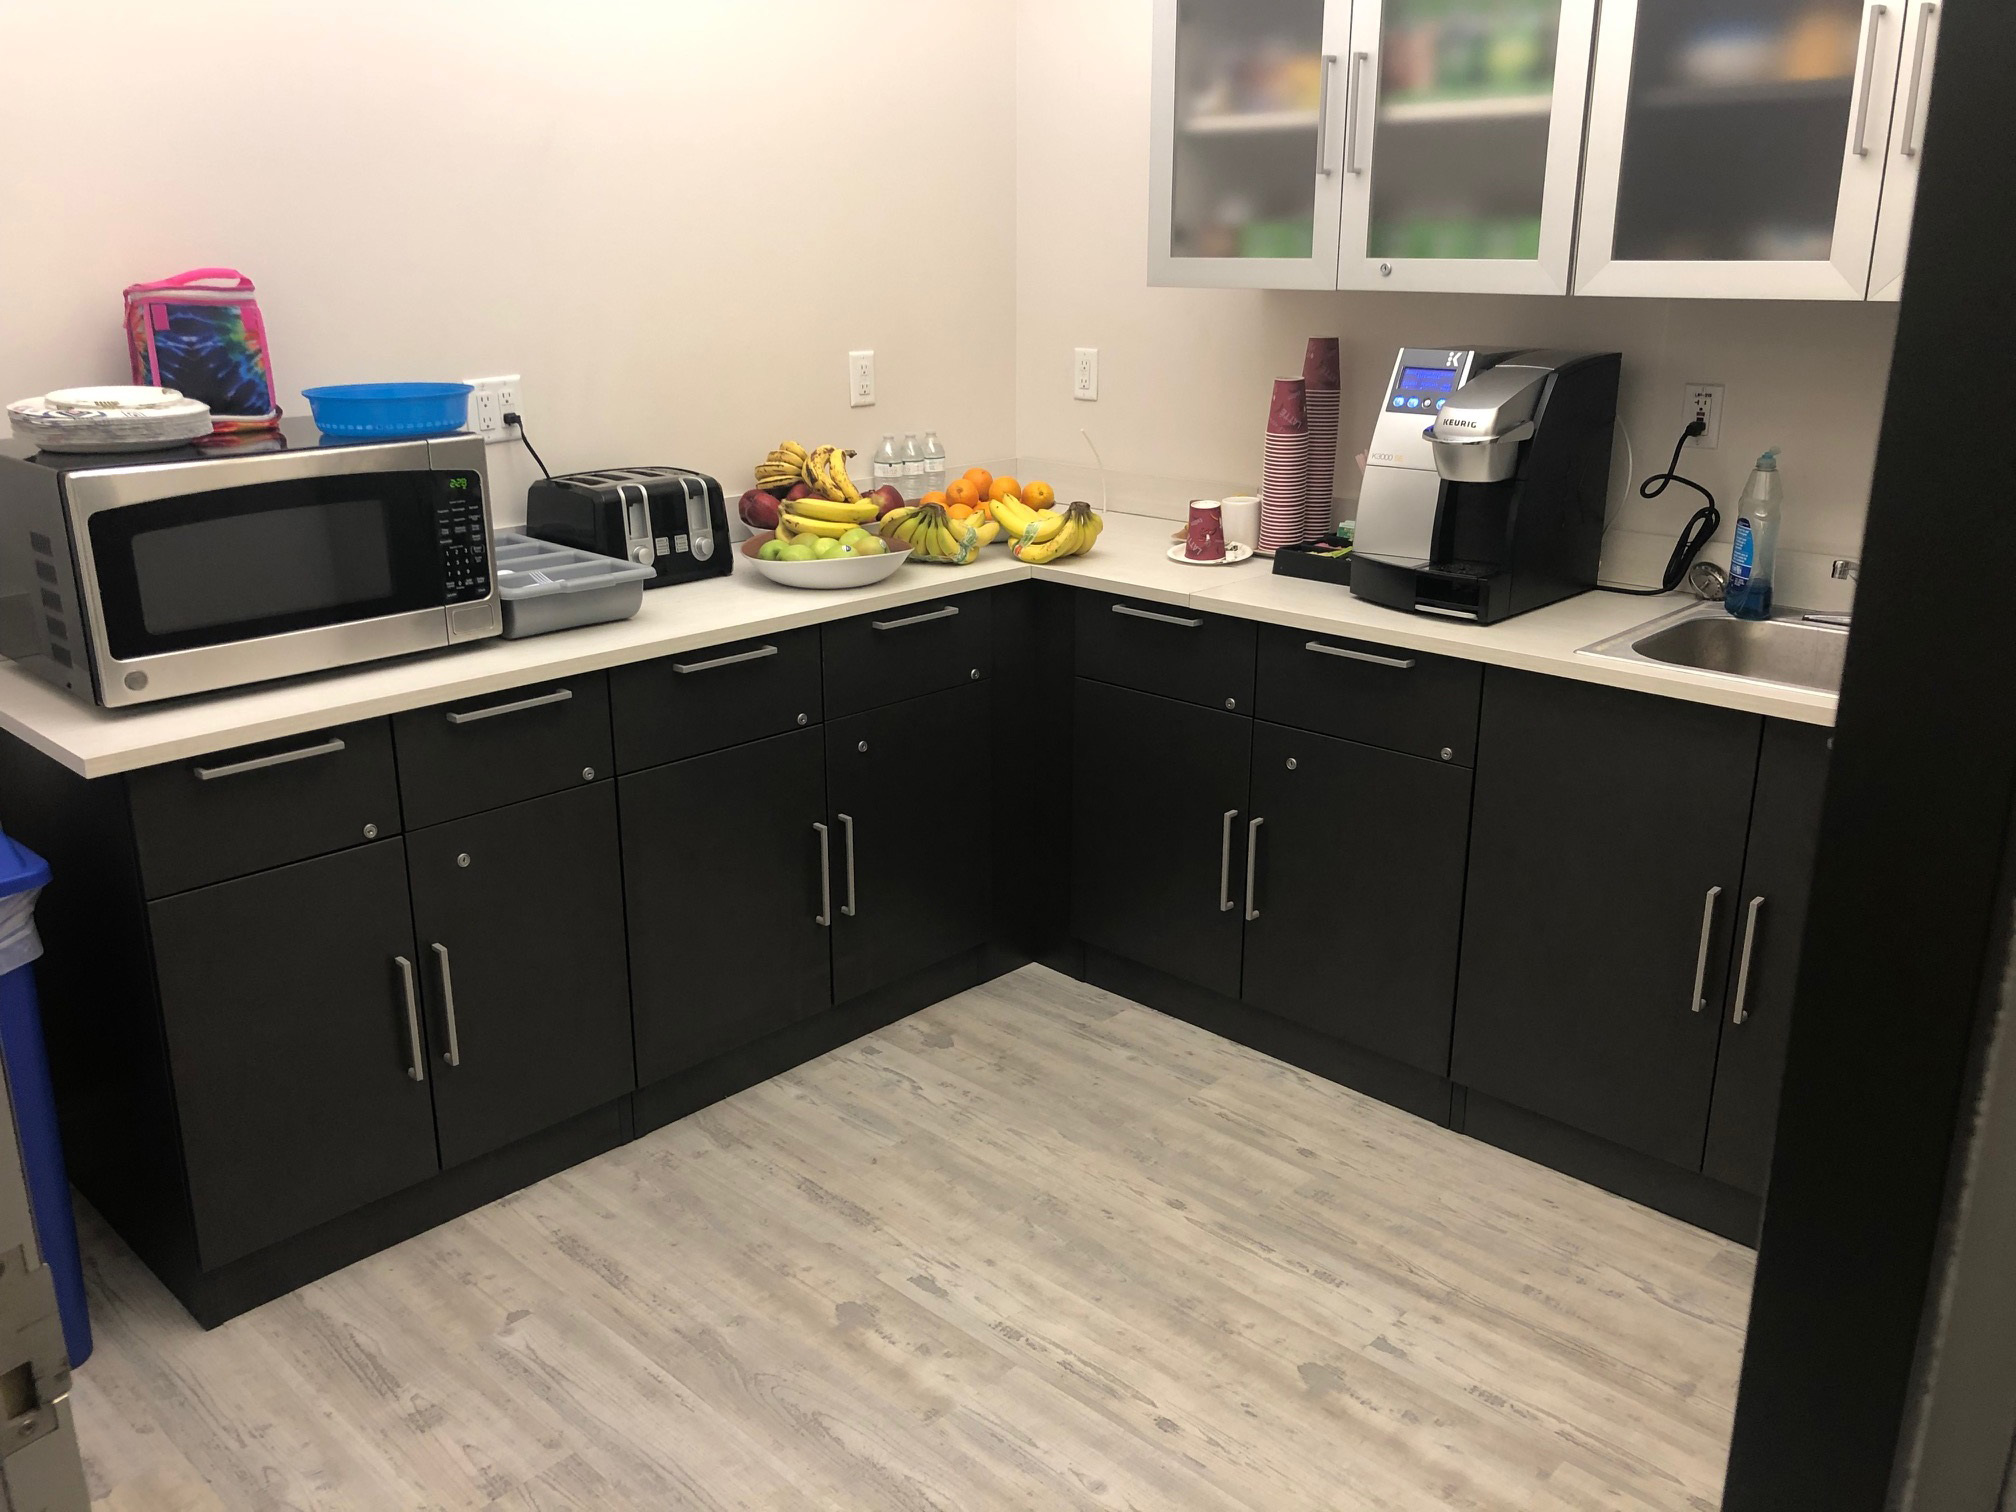 furniture-office-supplies-in-largo-florida-4-1.jpg